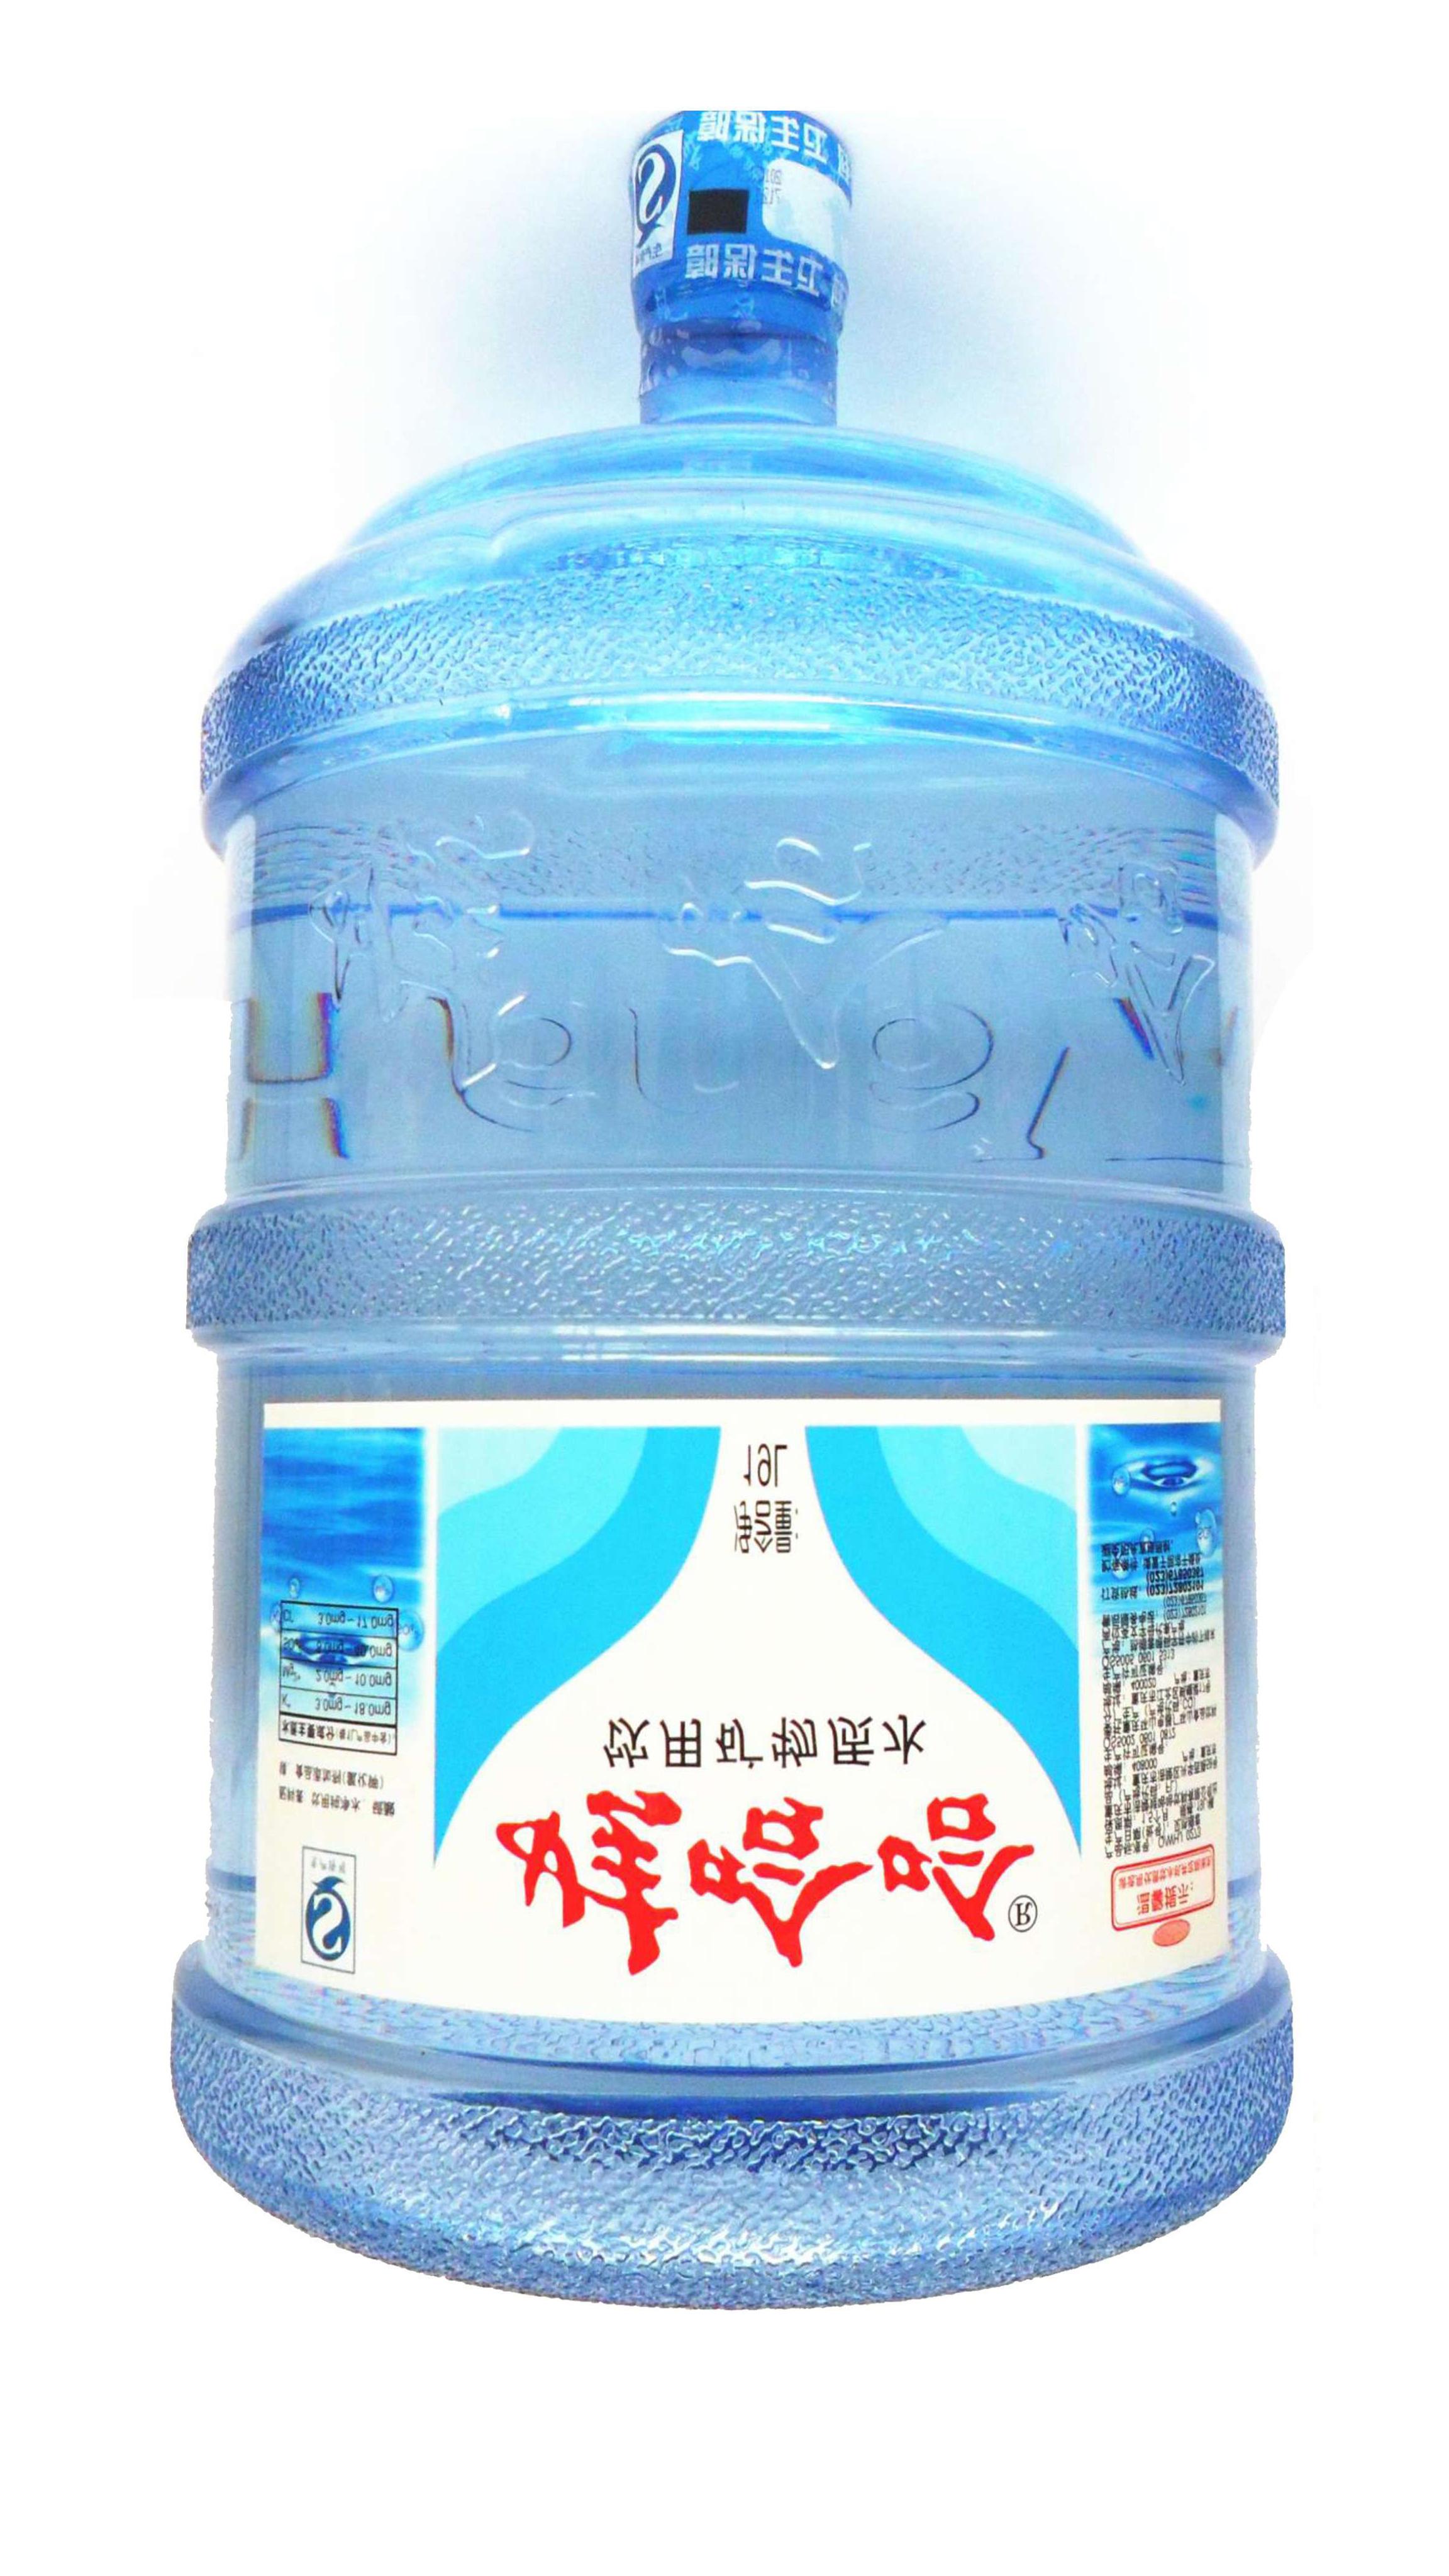 娃哈哈5加仑矿泉水 - 天津市零距离桶装水配送服务